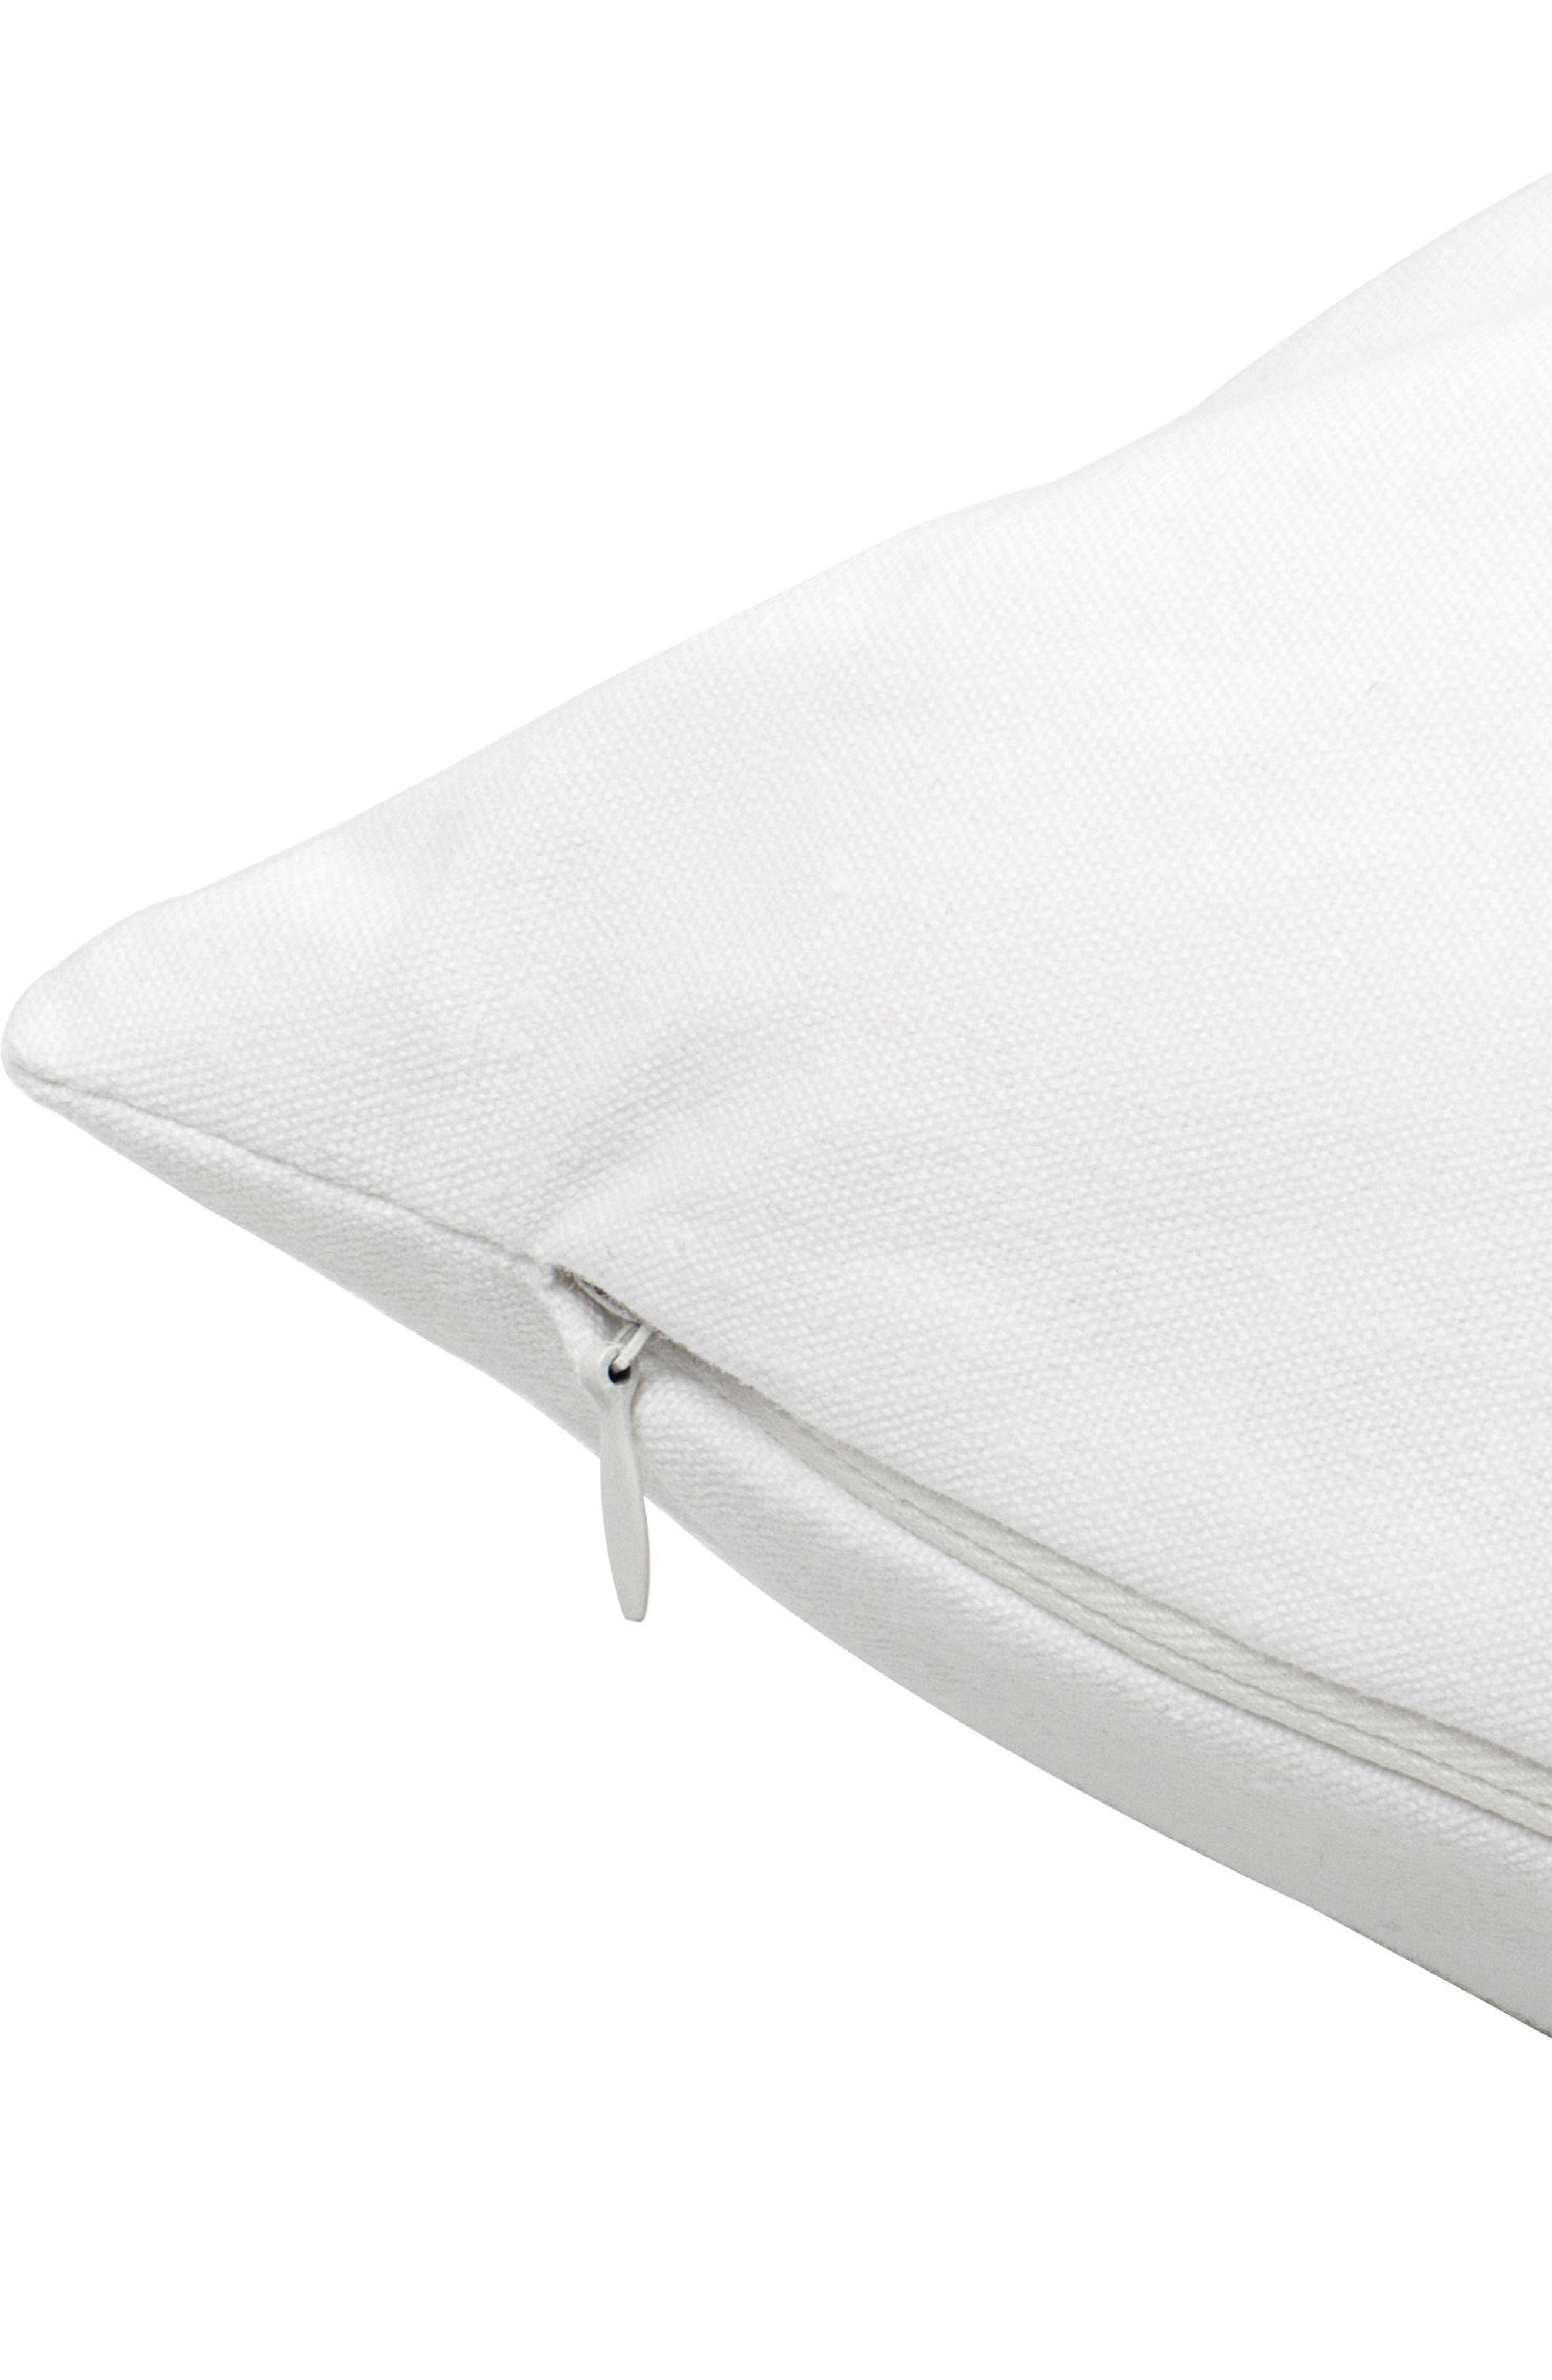 Floral Monogram Accent Pillow,                             Alternate thumbnail 2, color,                             400